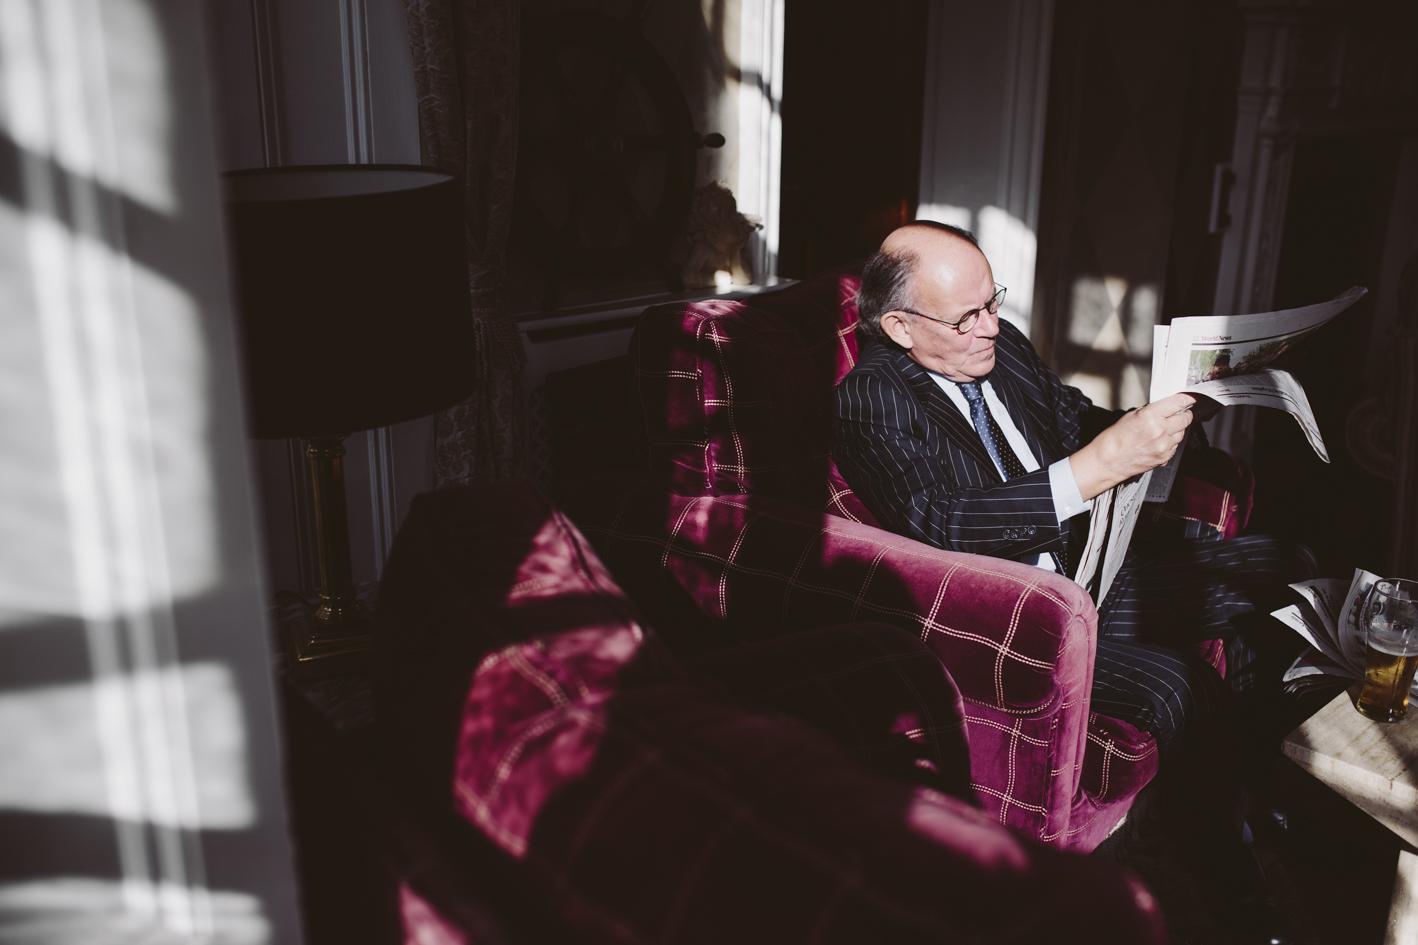 Wedding photographer Ireland Graciela Vilagudin 828.jpg